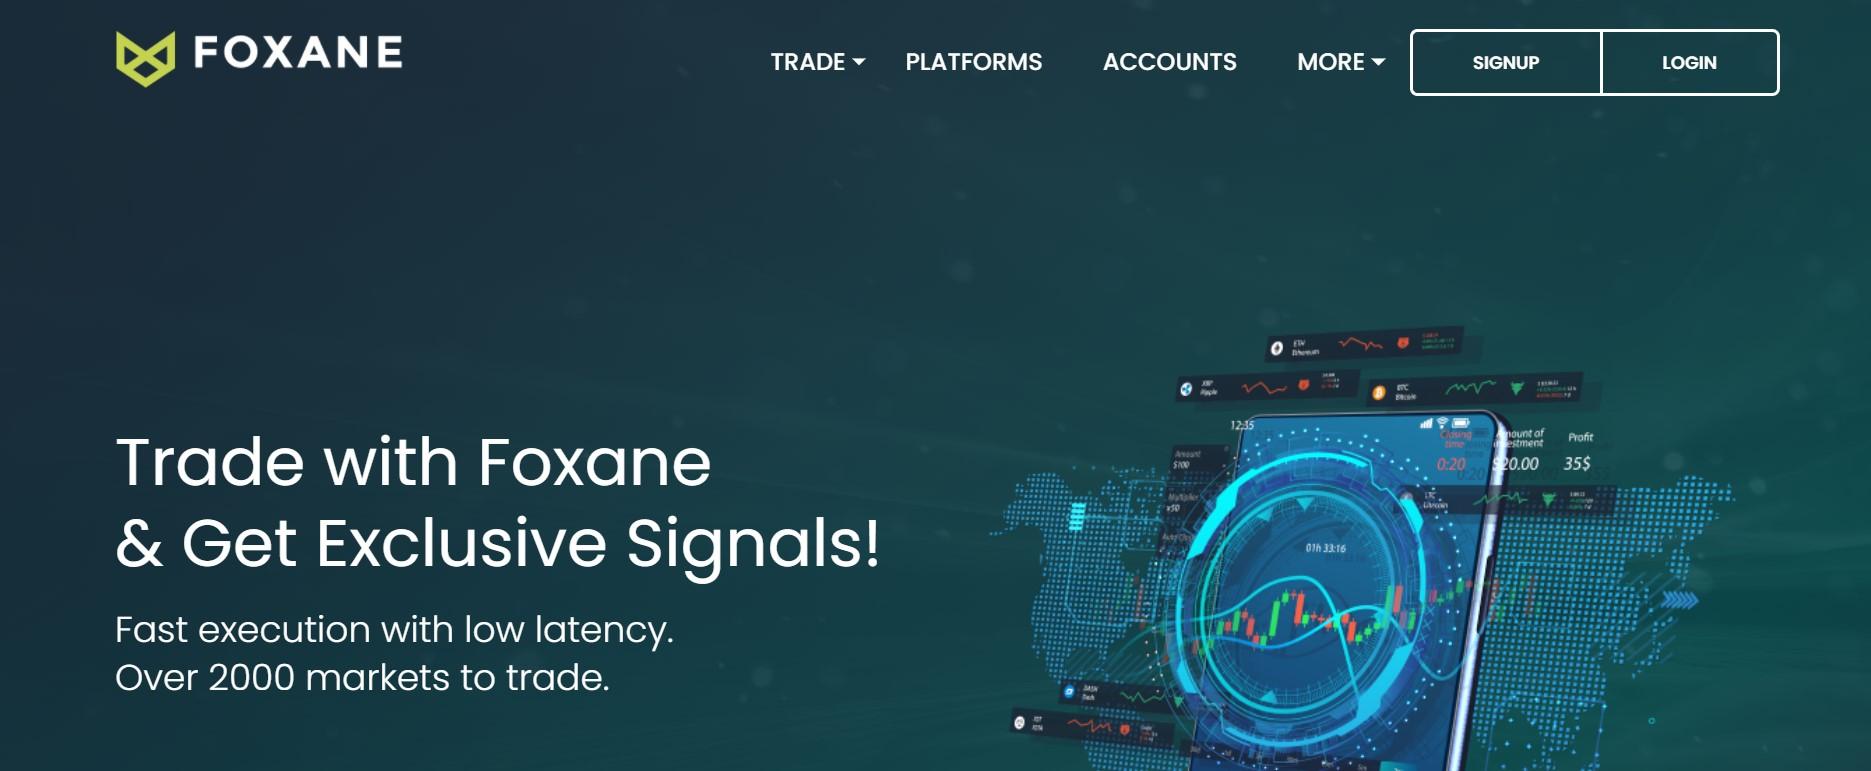 Foxane website